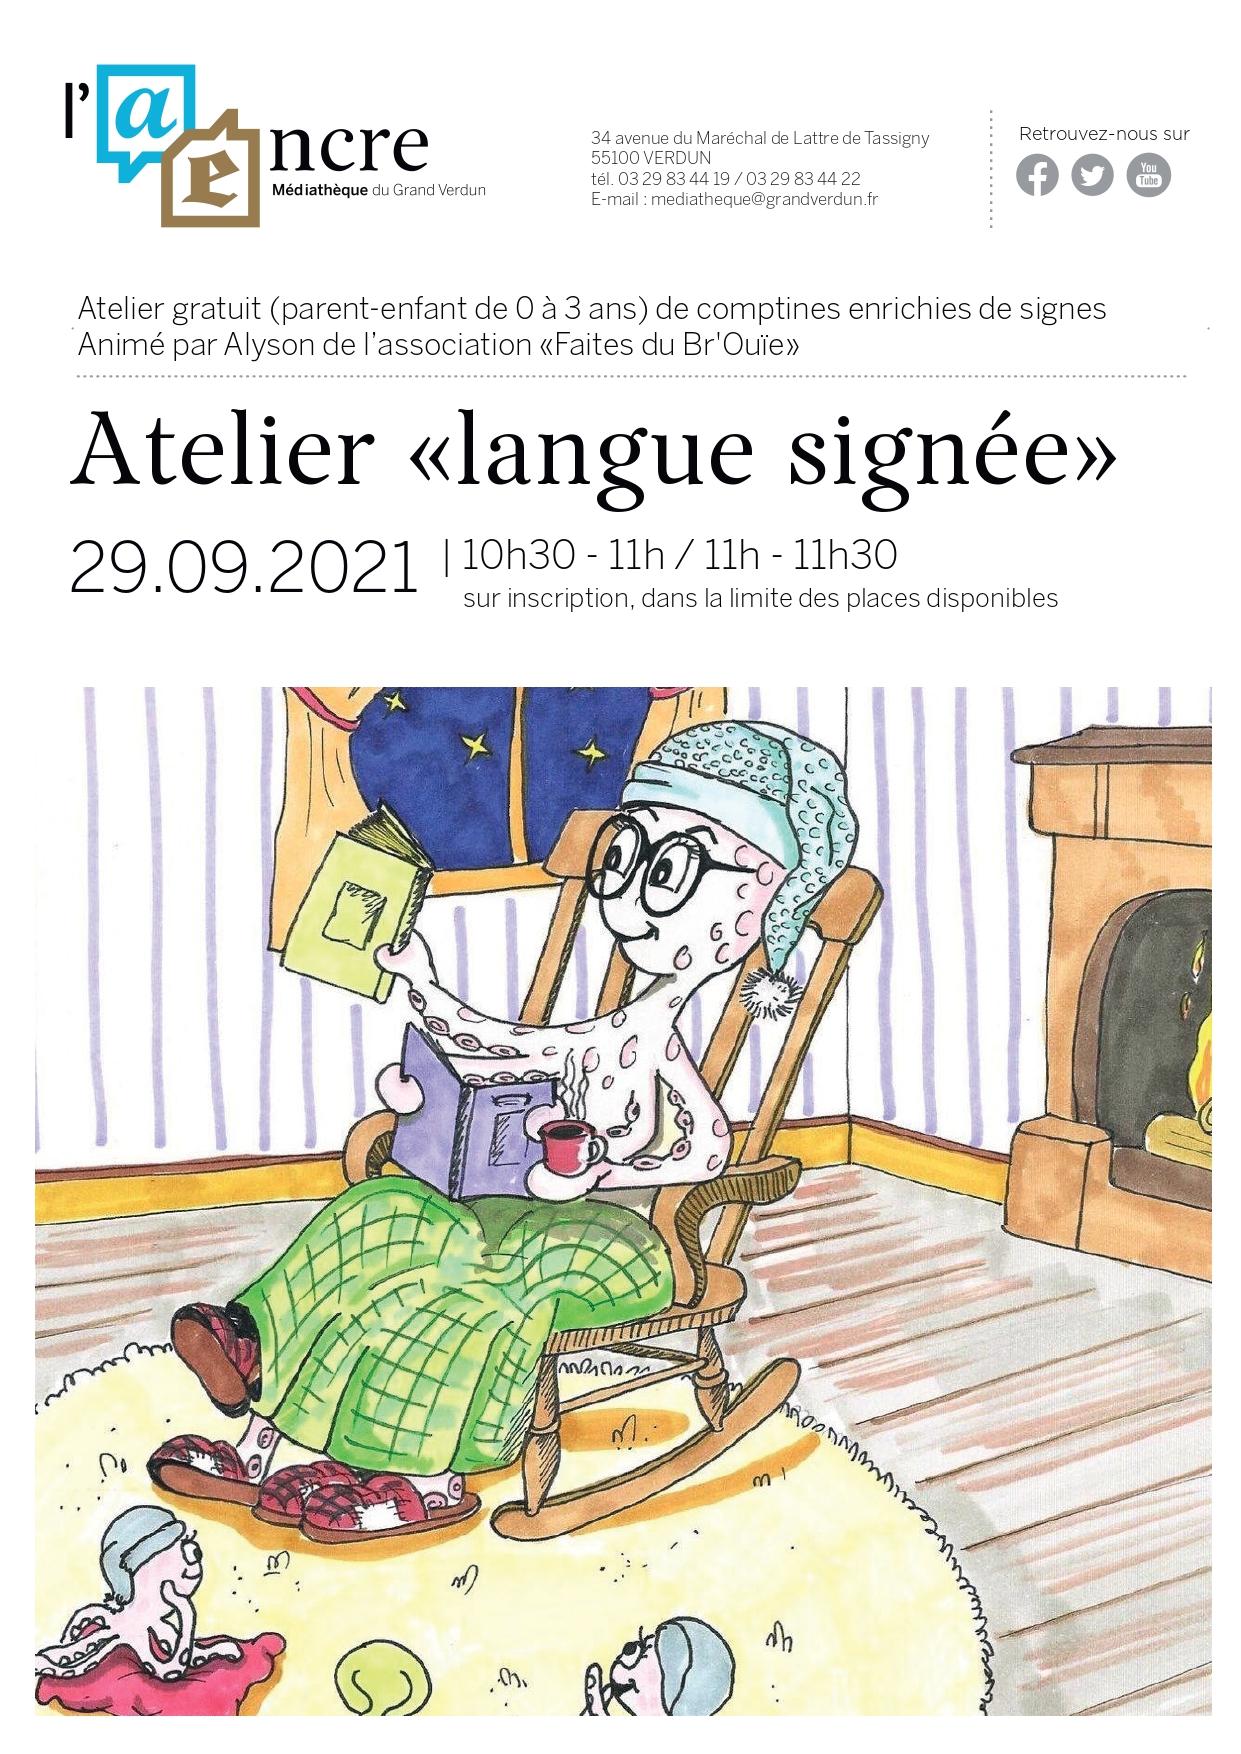 Atelier «Langue signée»